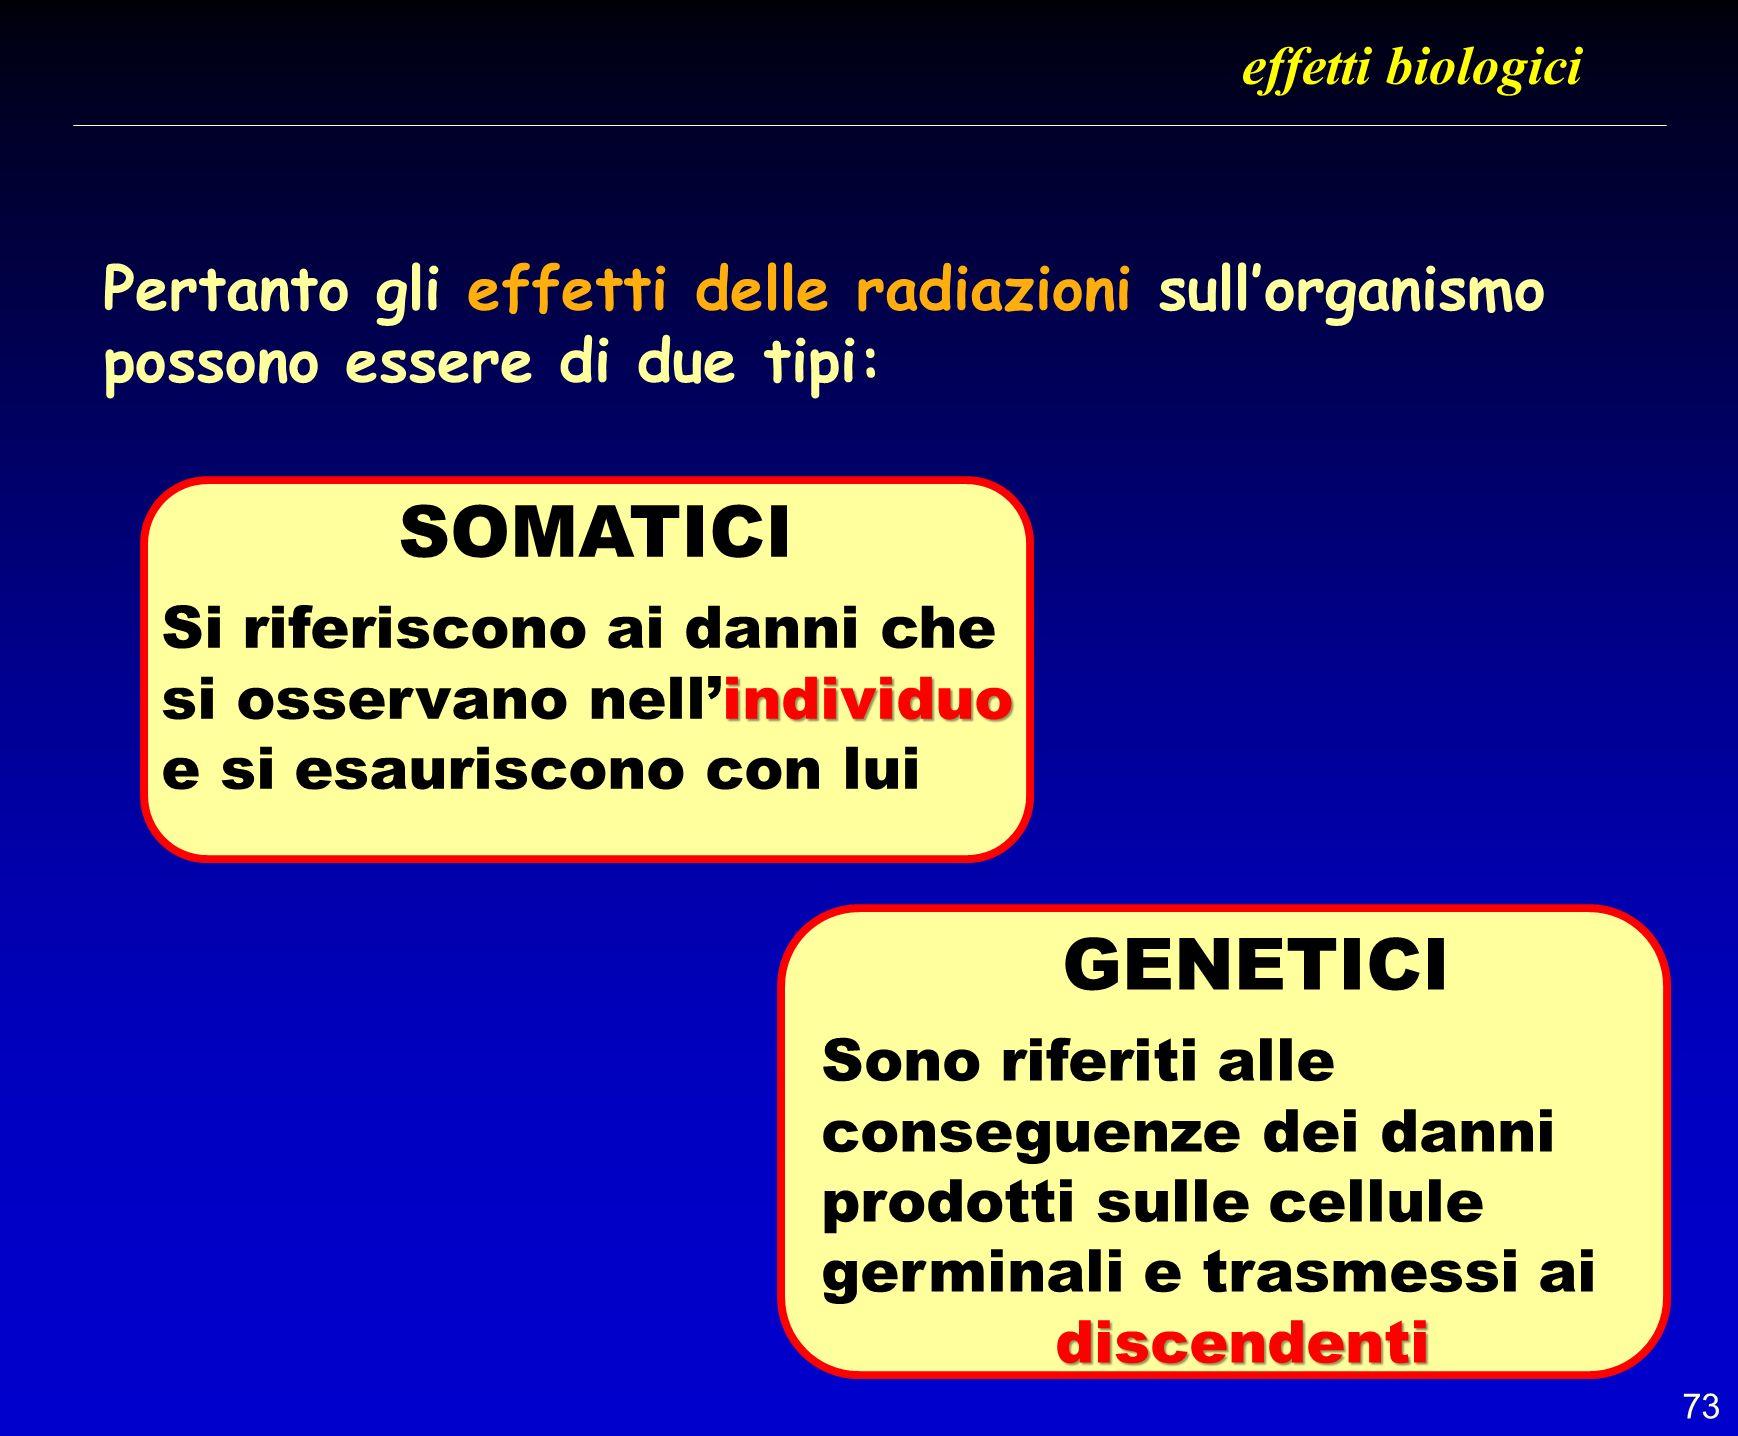 effetti biologici Pertanto gli effetti delle radiazioni sull'organismo possono essere di due tipi: SOMATICI.